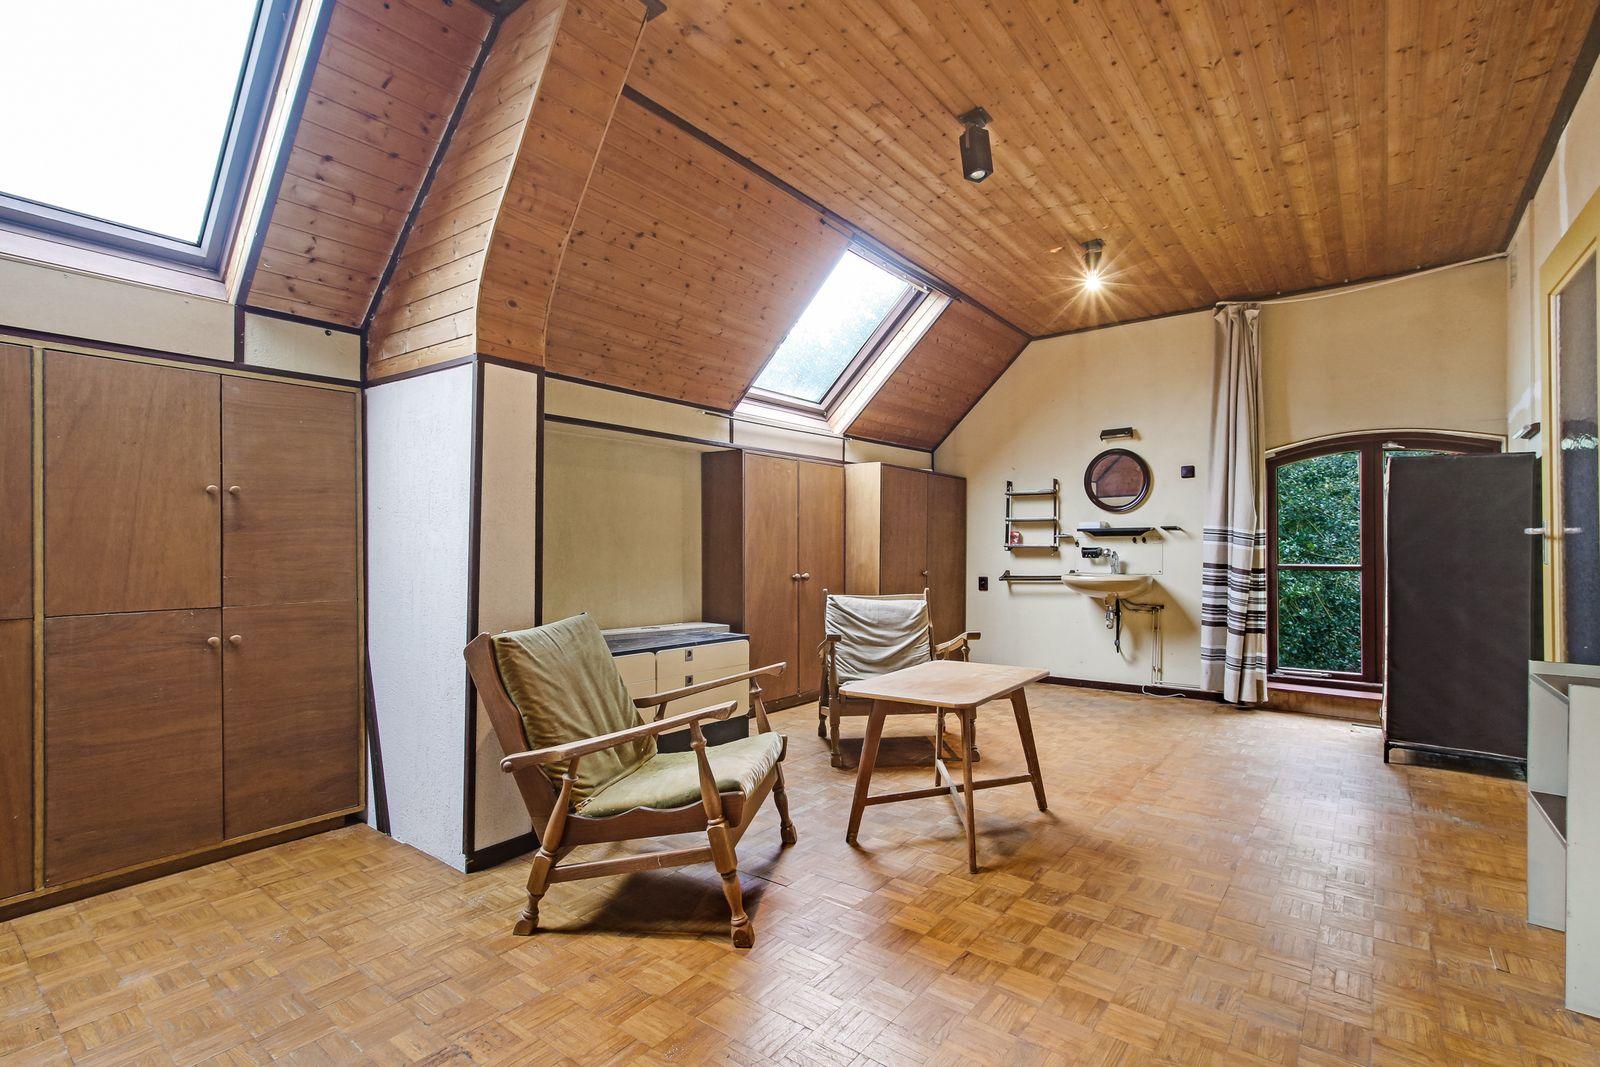 Deze ruimte twee-onder-een-kapwoning met ruime oprit en garage staat in een rustige en kindvriendelijke woonstraat in een wijk van Rijsbergen.  De woning is onder andere voorzien van een ruime woonkamer, een moderne open keuken, vier slaapkamers en een luxe badkamer met bad en douche.  Middels een vaste trap heeft u toegang tot de tweede verdieping welke voldoende bergruimte biedt en waar zich een van de slaapkamers bevindt.  De voor- en achtertuin zijn beide verzorgd aangelegd. De achtertuin is aangelegd met gazon, beplanting en terassen. Vanuit de achtertuin is de garage middels een loopdeur bereikbaar.  BEGANE GROND   Entree/hal met toegang tot de toiletruimte, meterkast, en de woonkamer.  Afwerking- Houtlook tegelvloer, spuitwerk wanden en een stucwerk plafond.   Toiletruimte met zwevend toilet en fonteintje.  Afwerking- Tegelvloer, wandtegels en een stucwerk plafond.   Zeer ruime woonkamer met toegang tot de open keuken.   Afwerking- Houtlook tegelvloer, spuitwerk wanden en een spuitwerk plafond.   Moderne open keuken uitgerust met een spoelbak, vaatwasser, 5 pits gaskookplaat, afzuigkap,  combi-oven, koelkast en kastruimte.  Afwerking- Houtlook tegelvloer, stucwerk wanden en wandtegels en een spuitwerk plafond.    EERSTE VERDIEPING   Overloop met toegang tot drie slaapkamers, de badkamer, toiletruimte en vaste trap naar de tweede  verdieping. Afwerking- Laminaat, spuitwerk wanden en spuitwerk plafond.  Slaapkamer 1- Een ruime slaapkamer aan de voorzijde van de woning. Afwerking- Laminaat, spuitwerk wanden en spuitwerk plafond.  Slaapkamer 2- Een ruime slaapkamer aan de voorzijde van de woning.  Afwerking- Laminaat, spuitwerk wanden en spuitwerk plafond.  Slaapkamer 3- Een ruime slaapkamer aan de achterzijde van de woning.  Afwerking- Laminaat, spuitwerk wanden en spuitwerk plafond.  Luxe badkamer uitgerust met een douche, ligbad, badkamer meubel met wastafel en designradiator.   Afwerking- Tegelvloer, wandtegels en stucwerk plafond.  Toiletruimte met toilet en